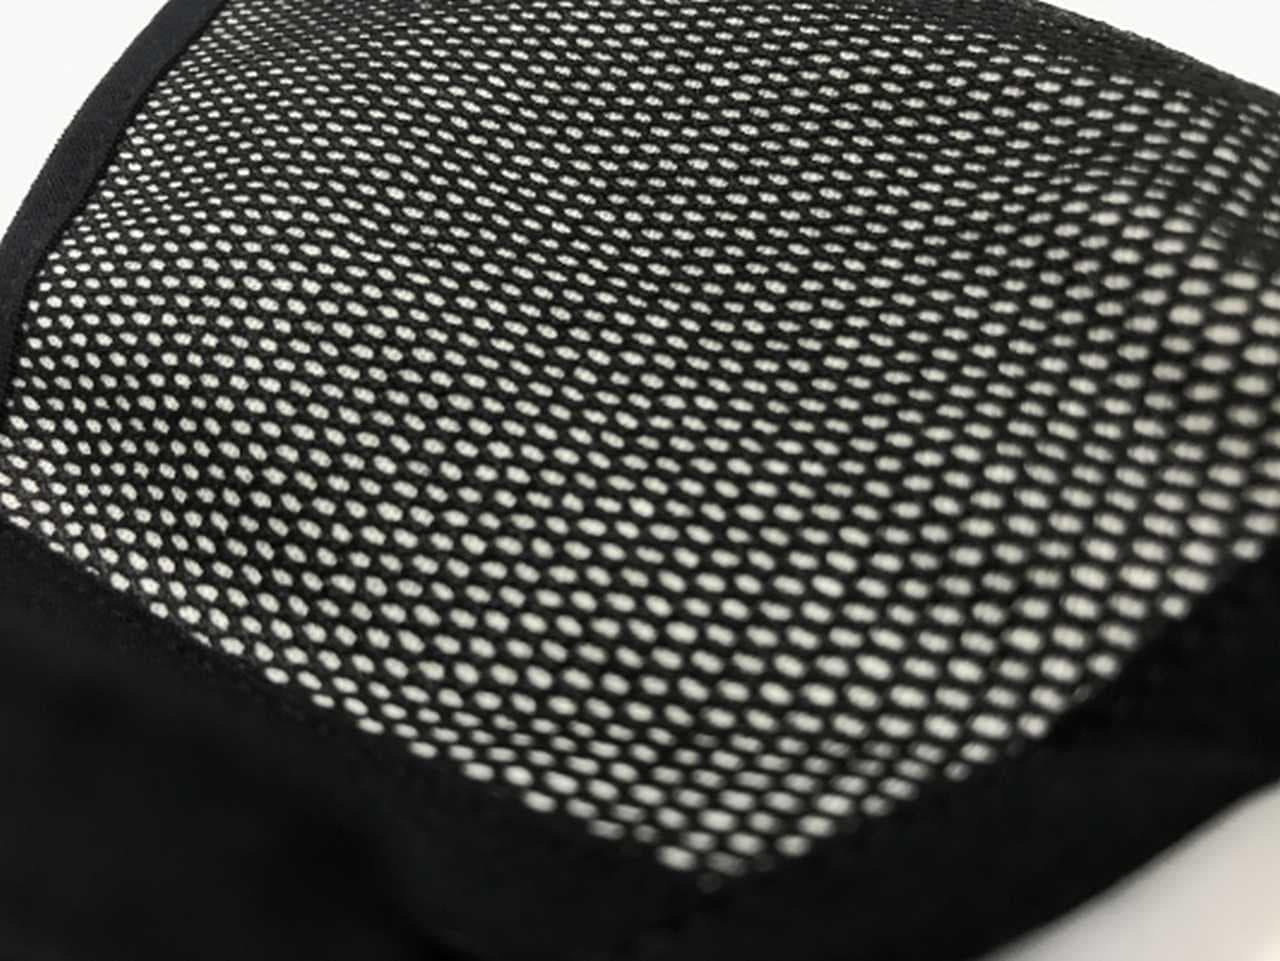 メッシュとジャージの2層構造で通気性抜群のスポーツマスク「ミッセーラパラファインひんやりスポーツマスク」